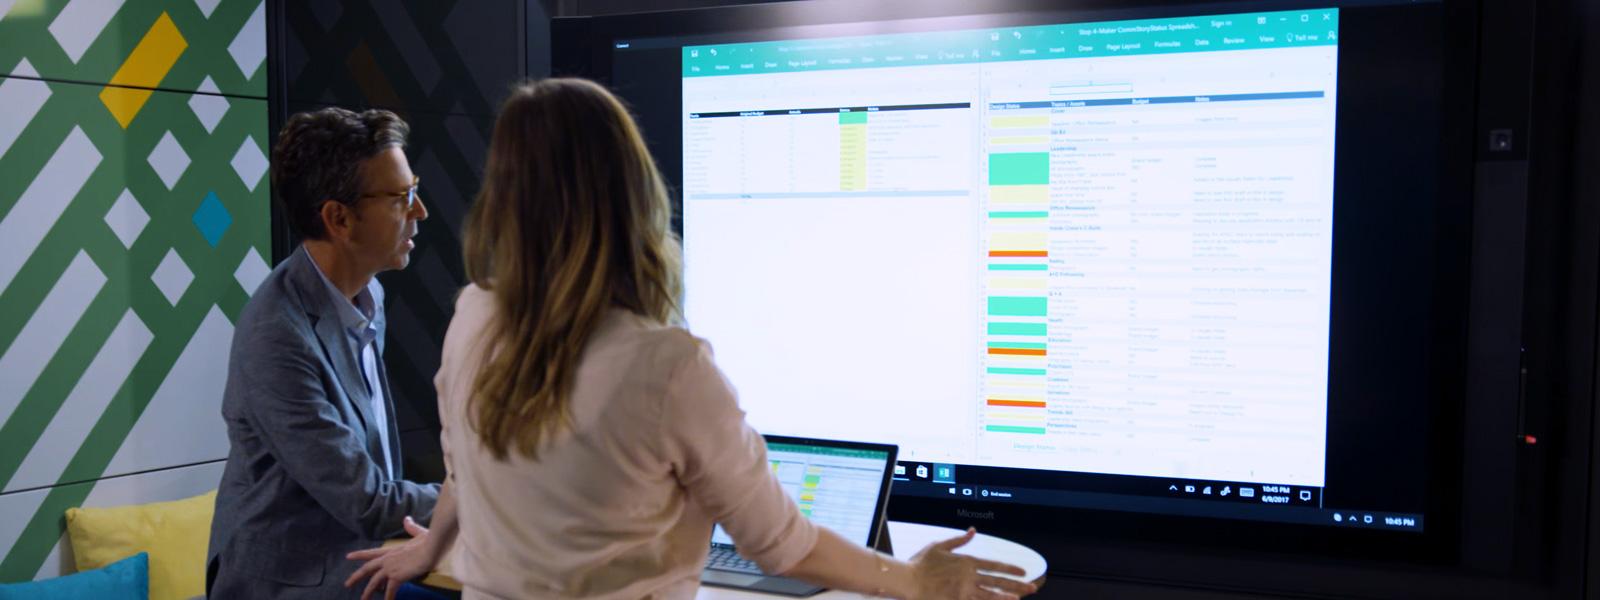 Surface デバイスとうまく働くように設計された 5 箇所の Steelcase のスペースのうちの一つで、女性と男性が Surface Hub を使っている。